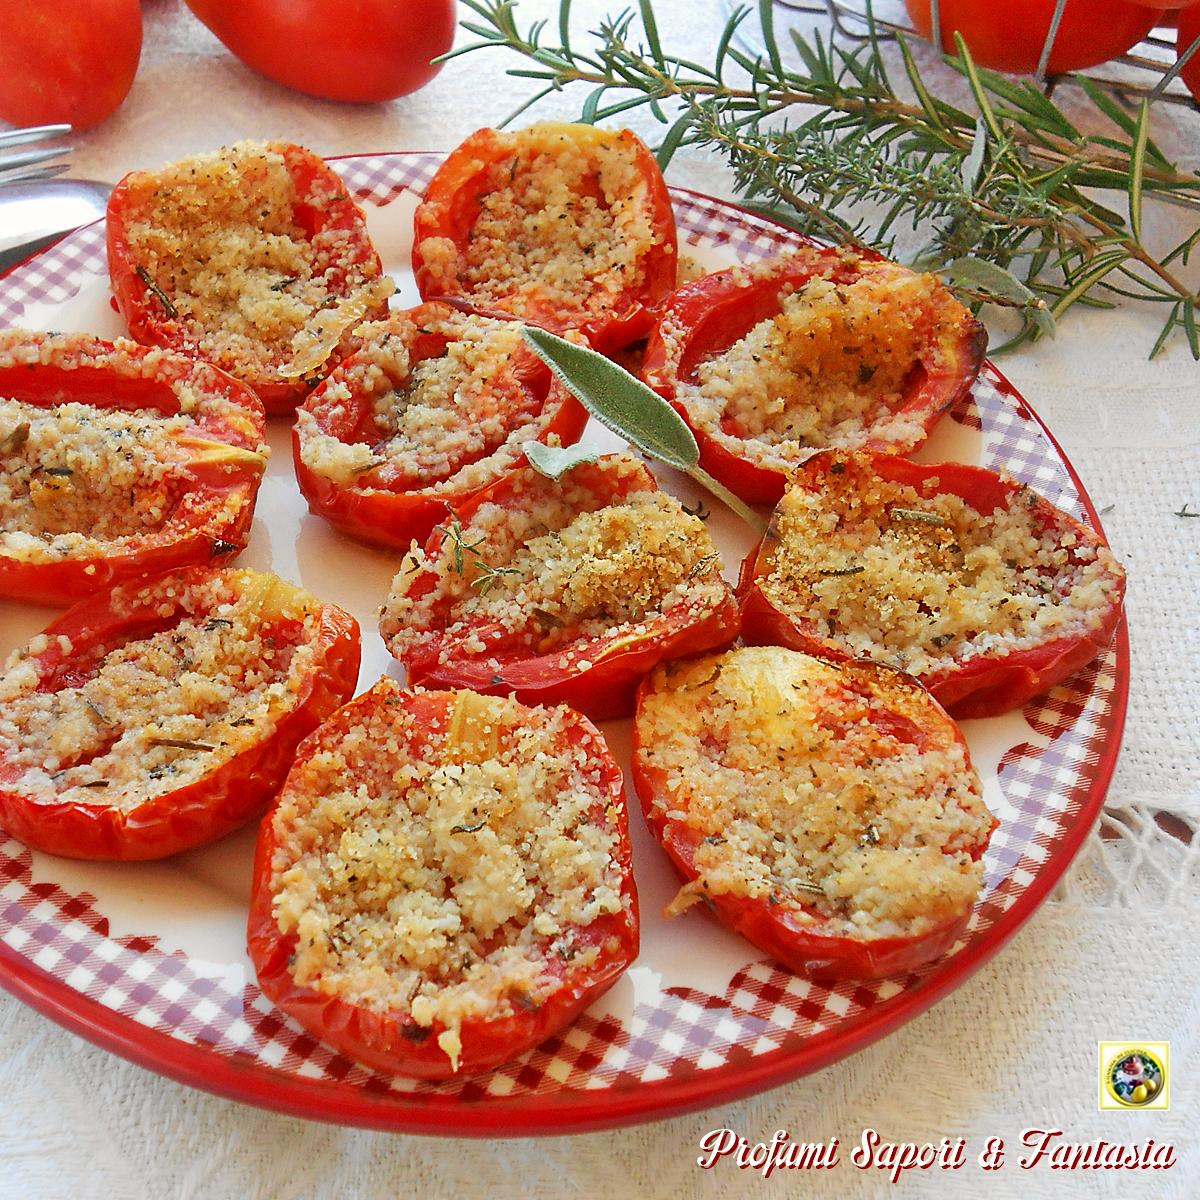 Pomodori al forno semplici e saporiti per accompagnare tutte le pietanze